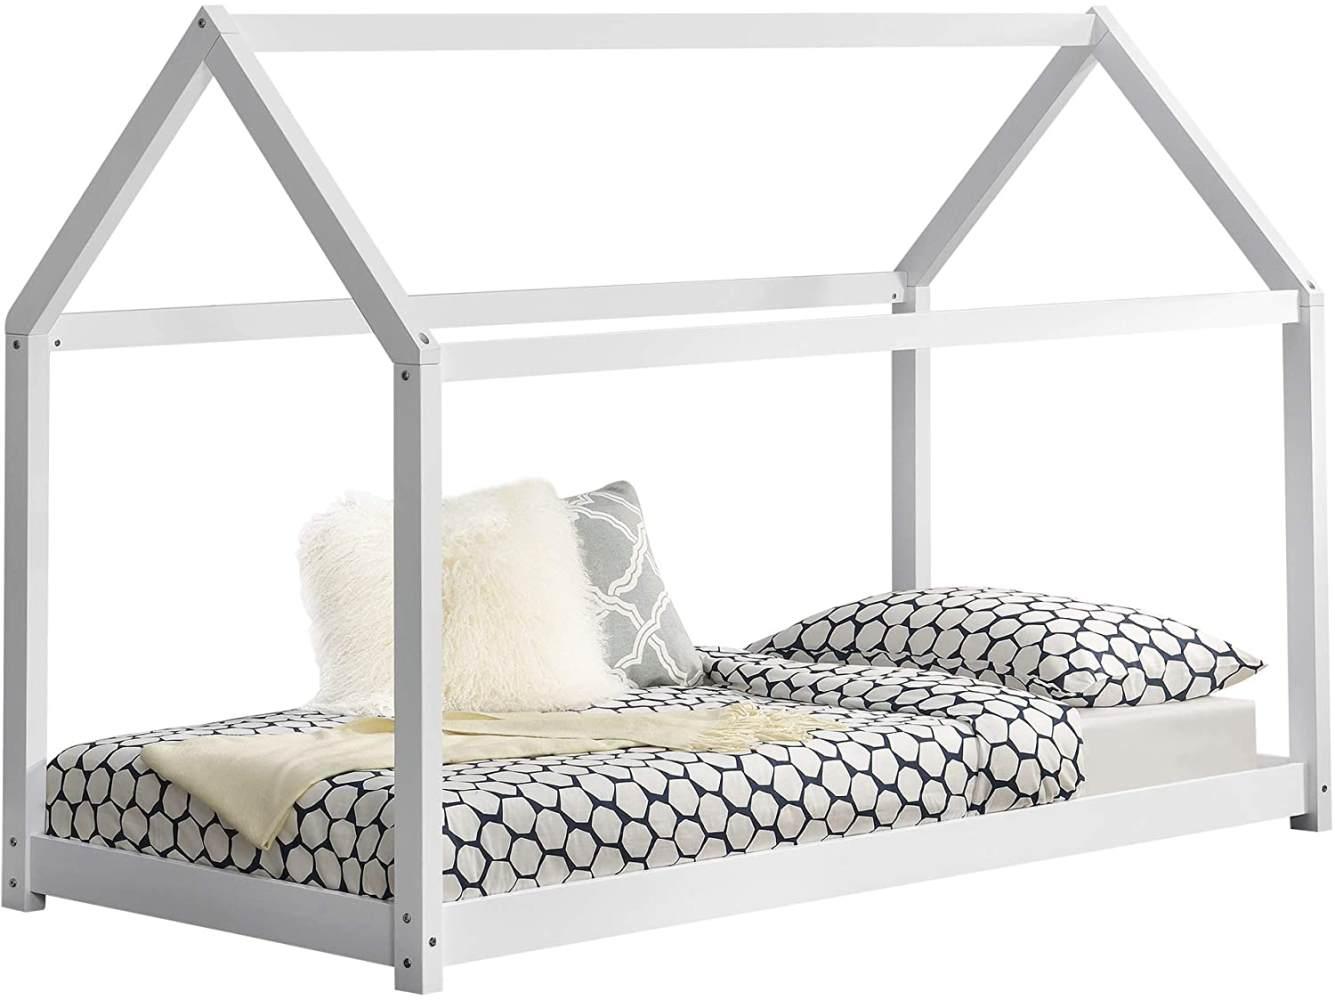 en.casa Hausbett aus Kiefernholz 70x140 cm inkl. Lattenrost, weiß Bild 1